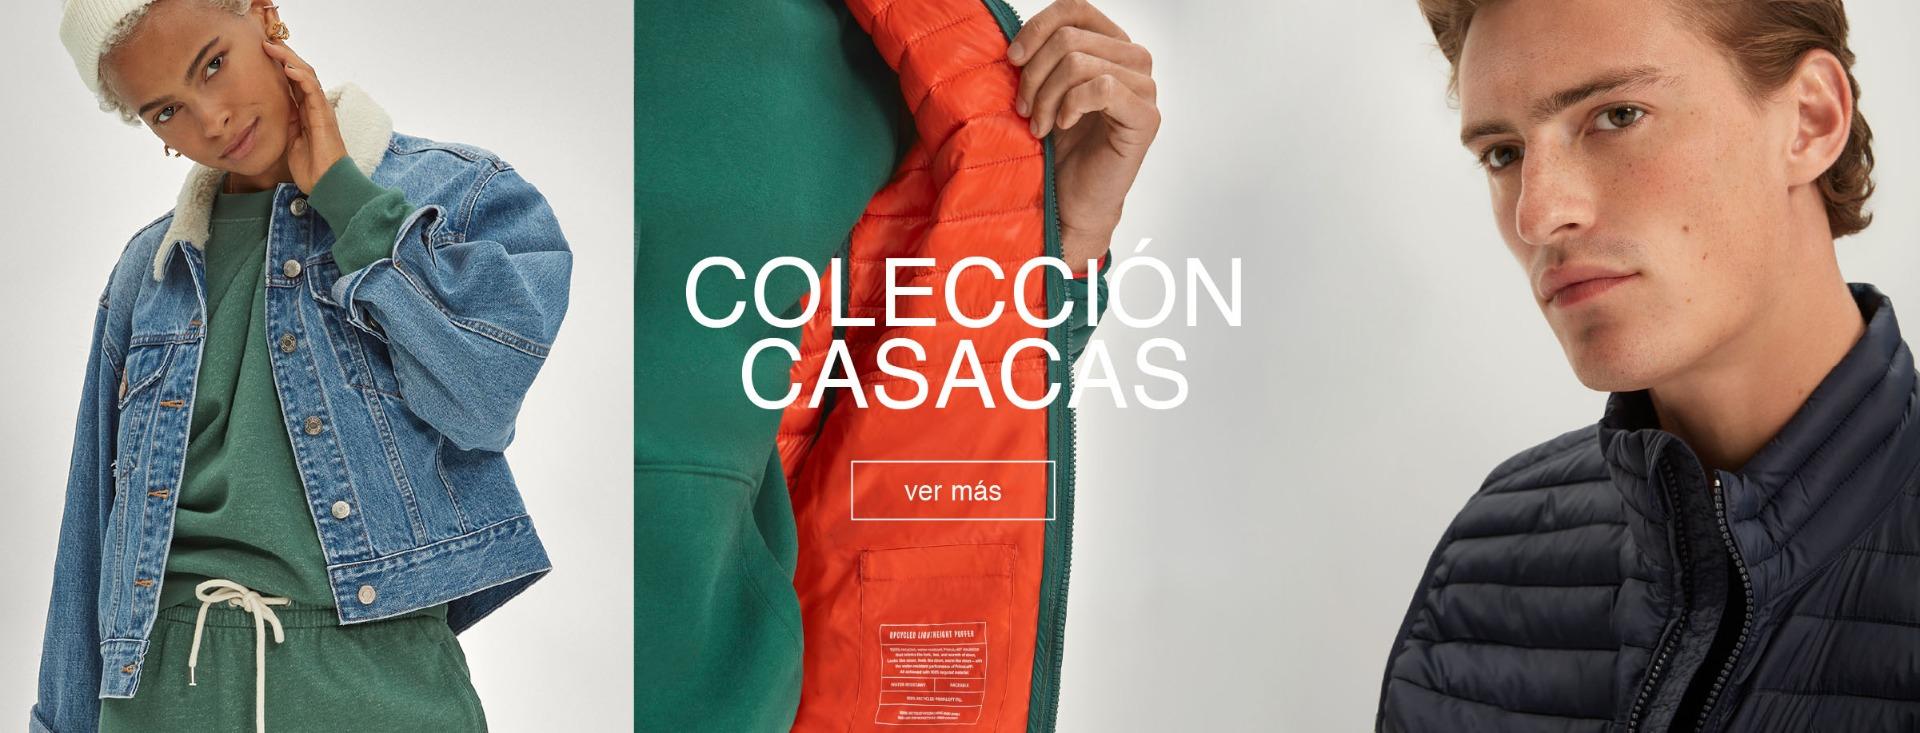 COLECCION CASACAS